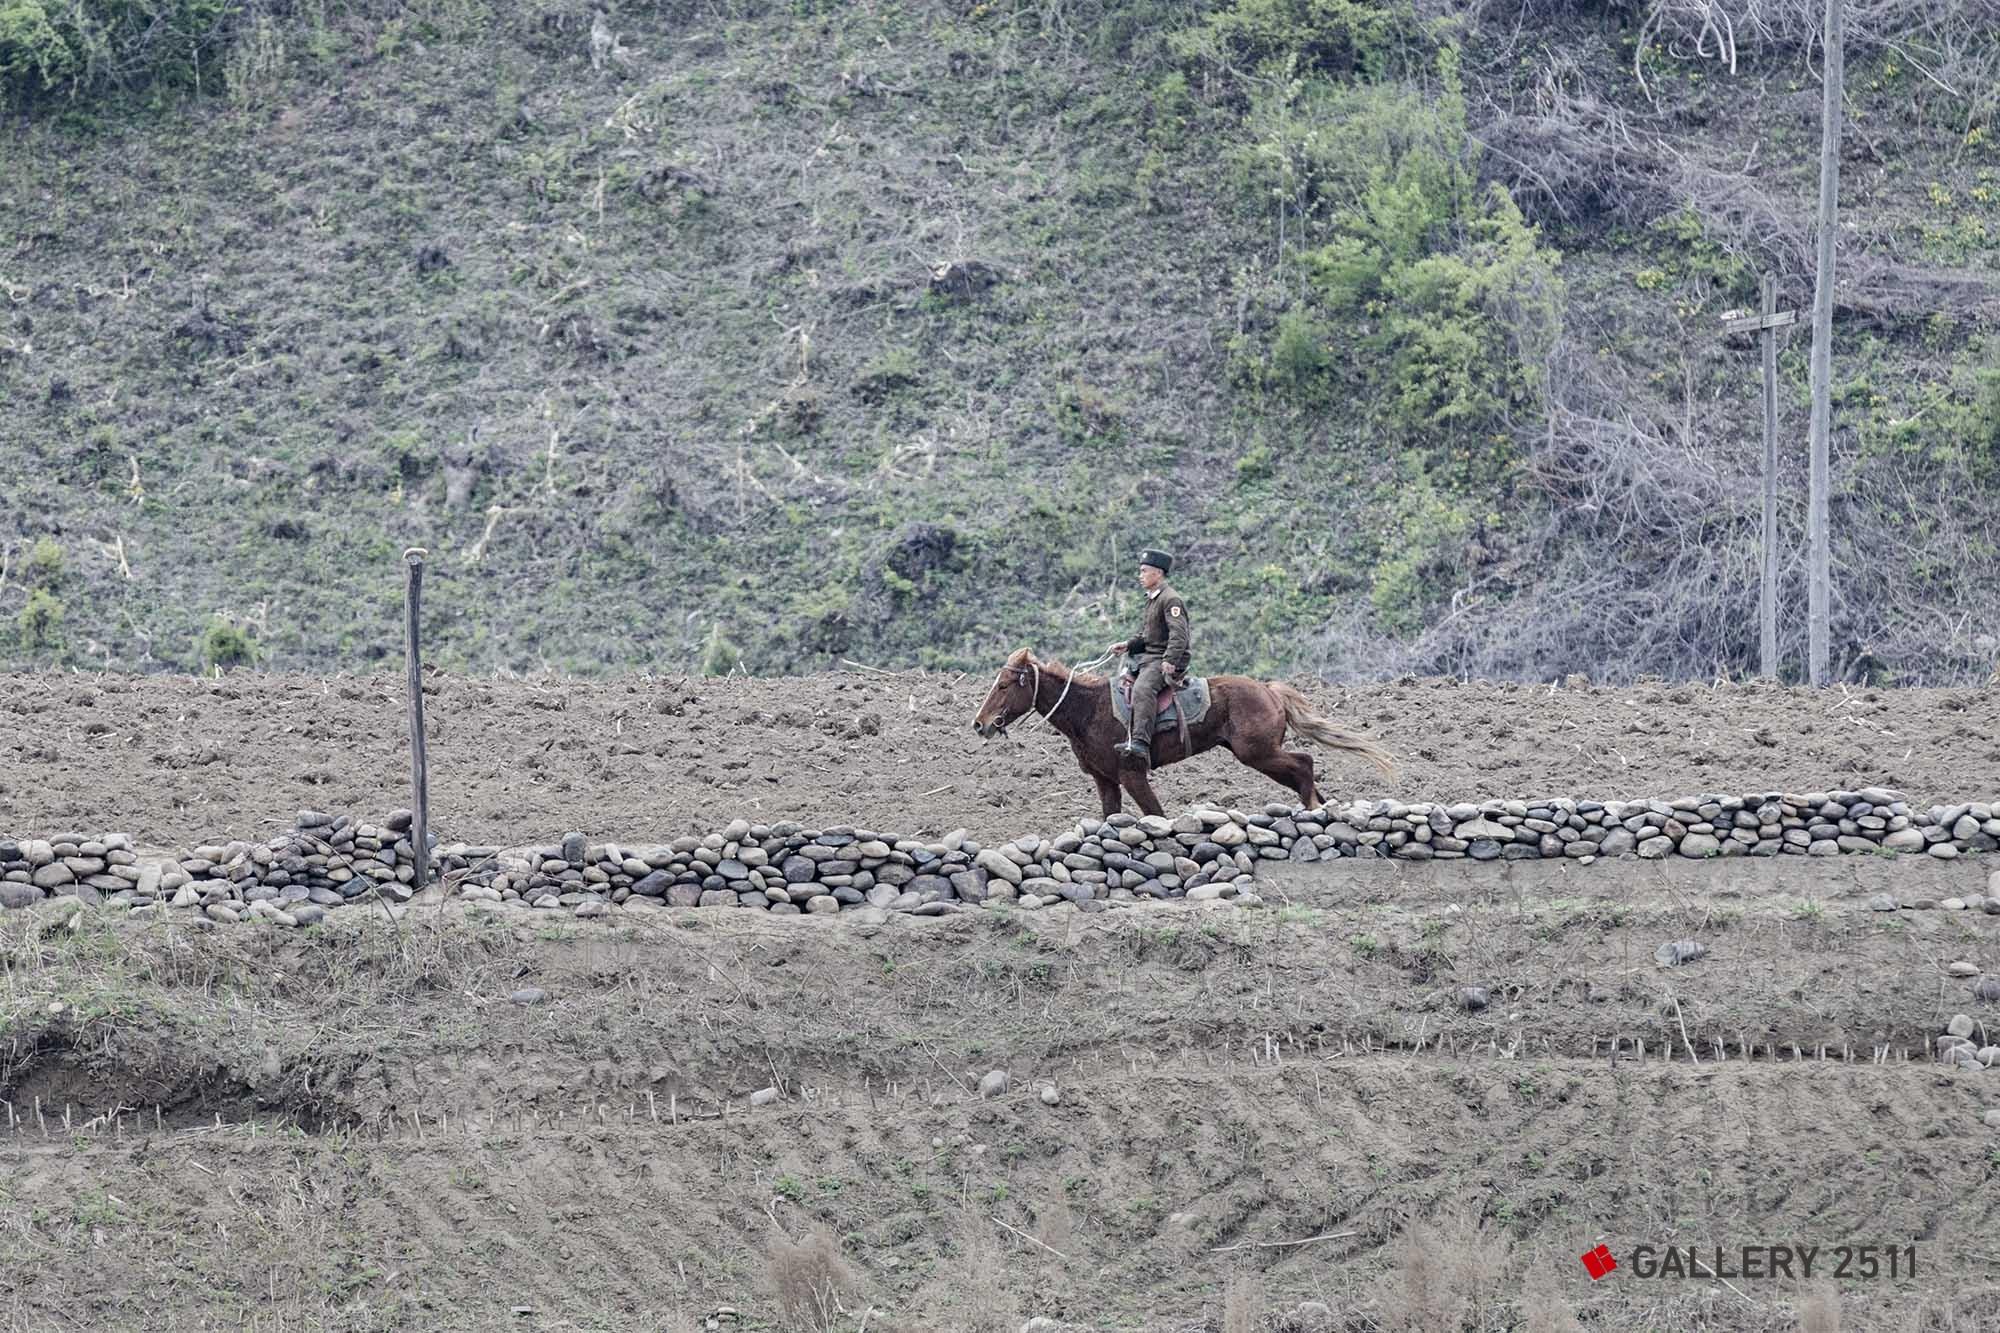 18.말을 탄 모습의 순찰 병 2015/05